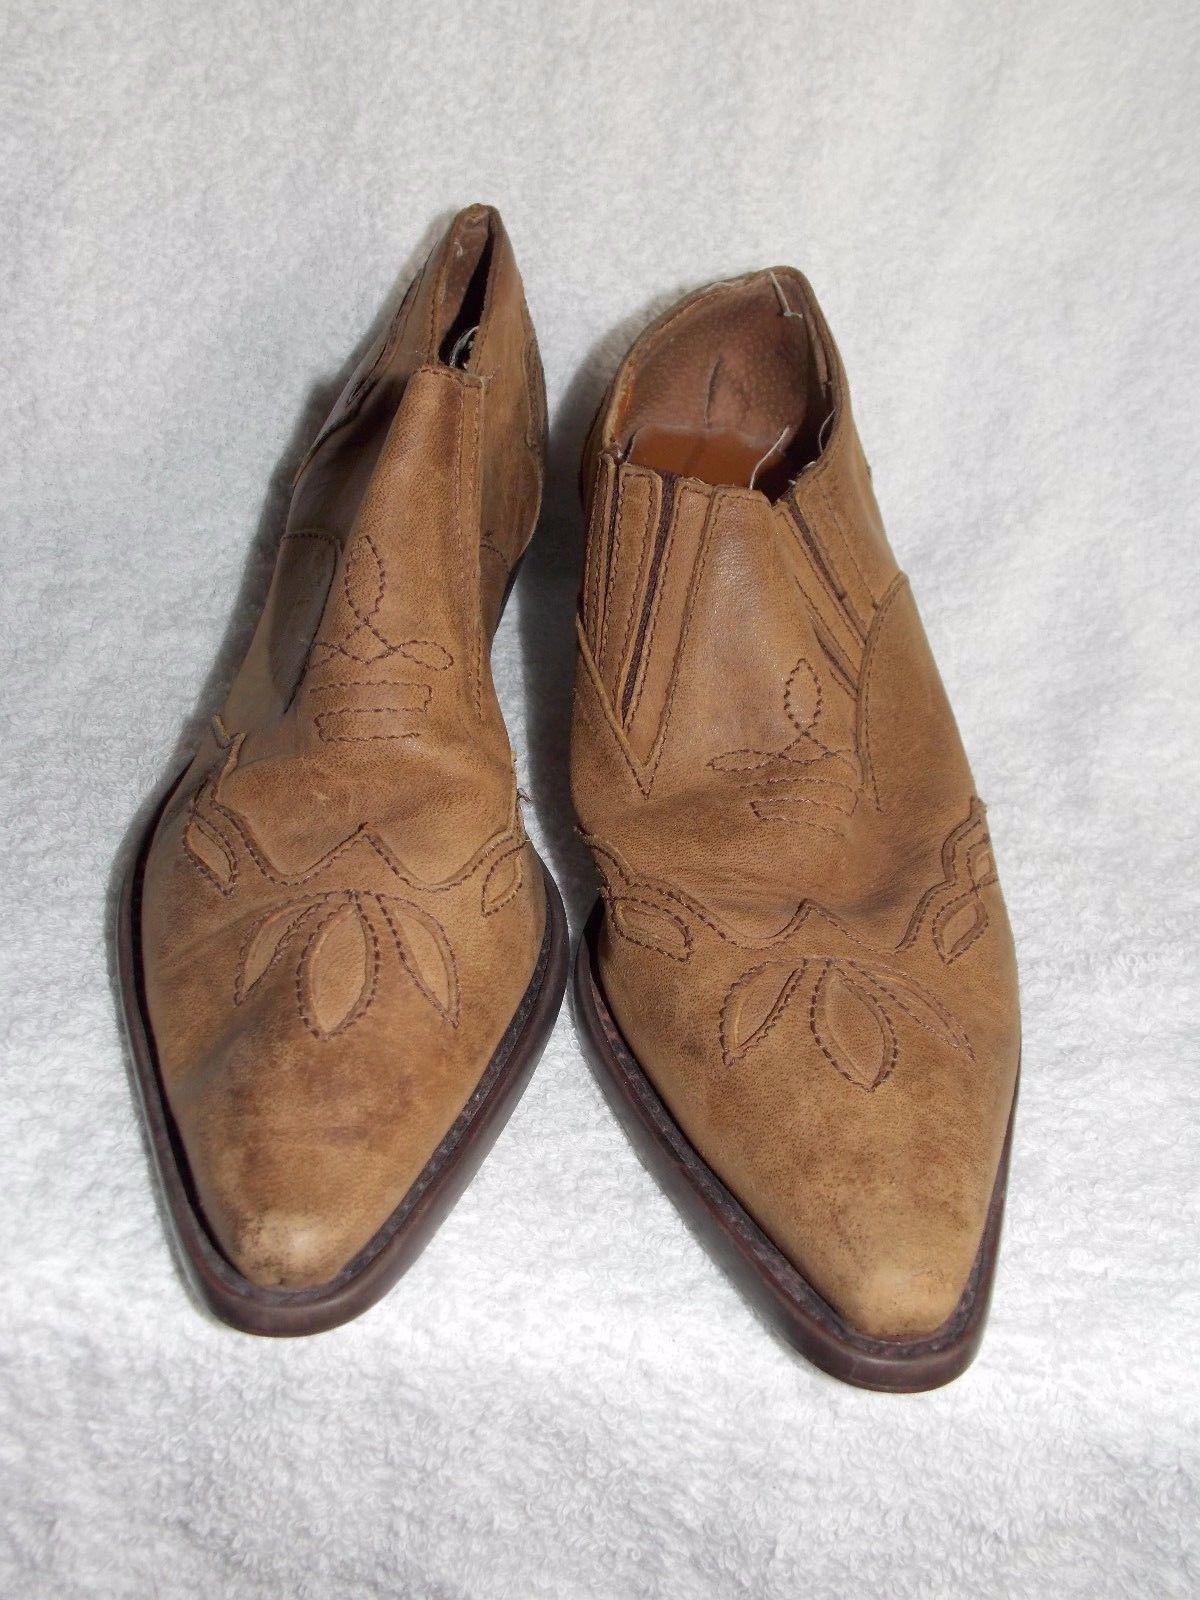 Nine West Brown/Tan Slip On Mules 8M Used